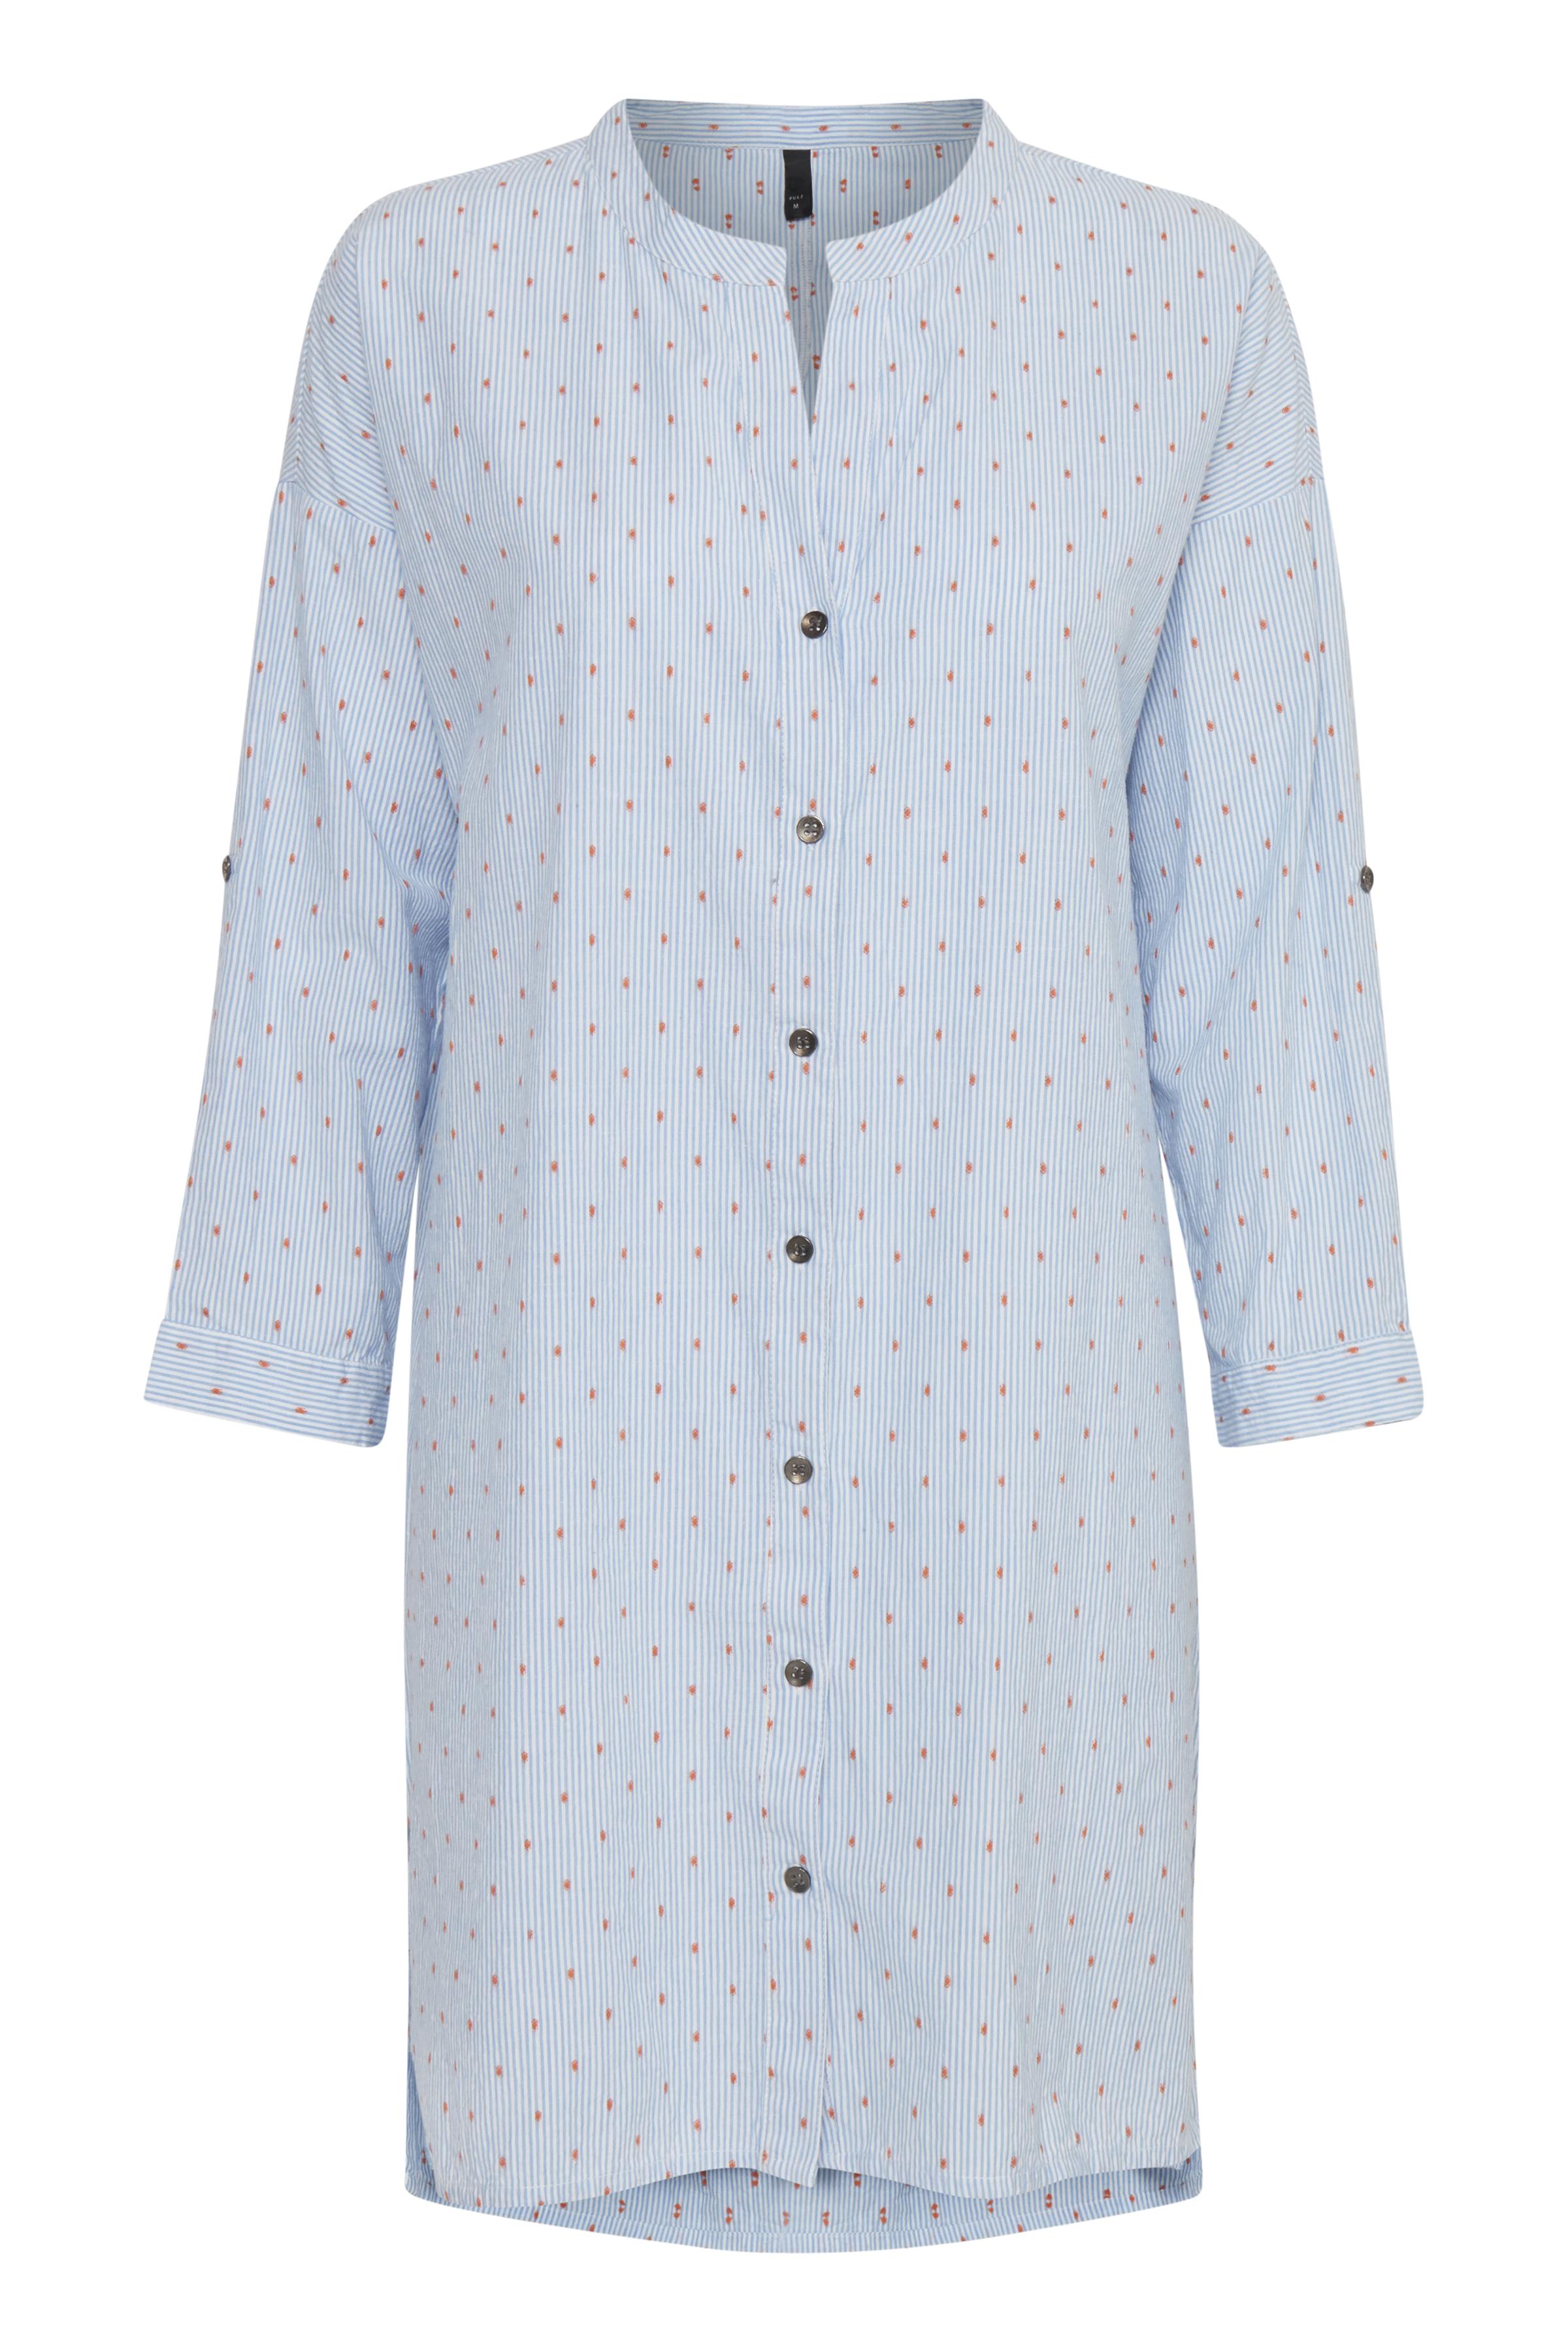 Lyseblå/hvid Skjorte   fra Pulz Jeans – Køb Lyseblå/hvid Skjorte   fra str. XS-XXL her